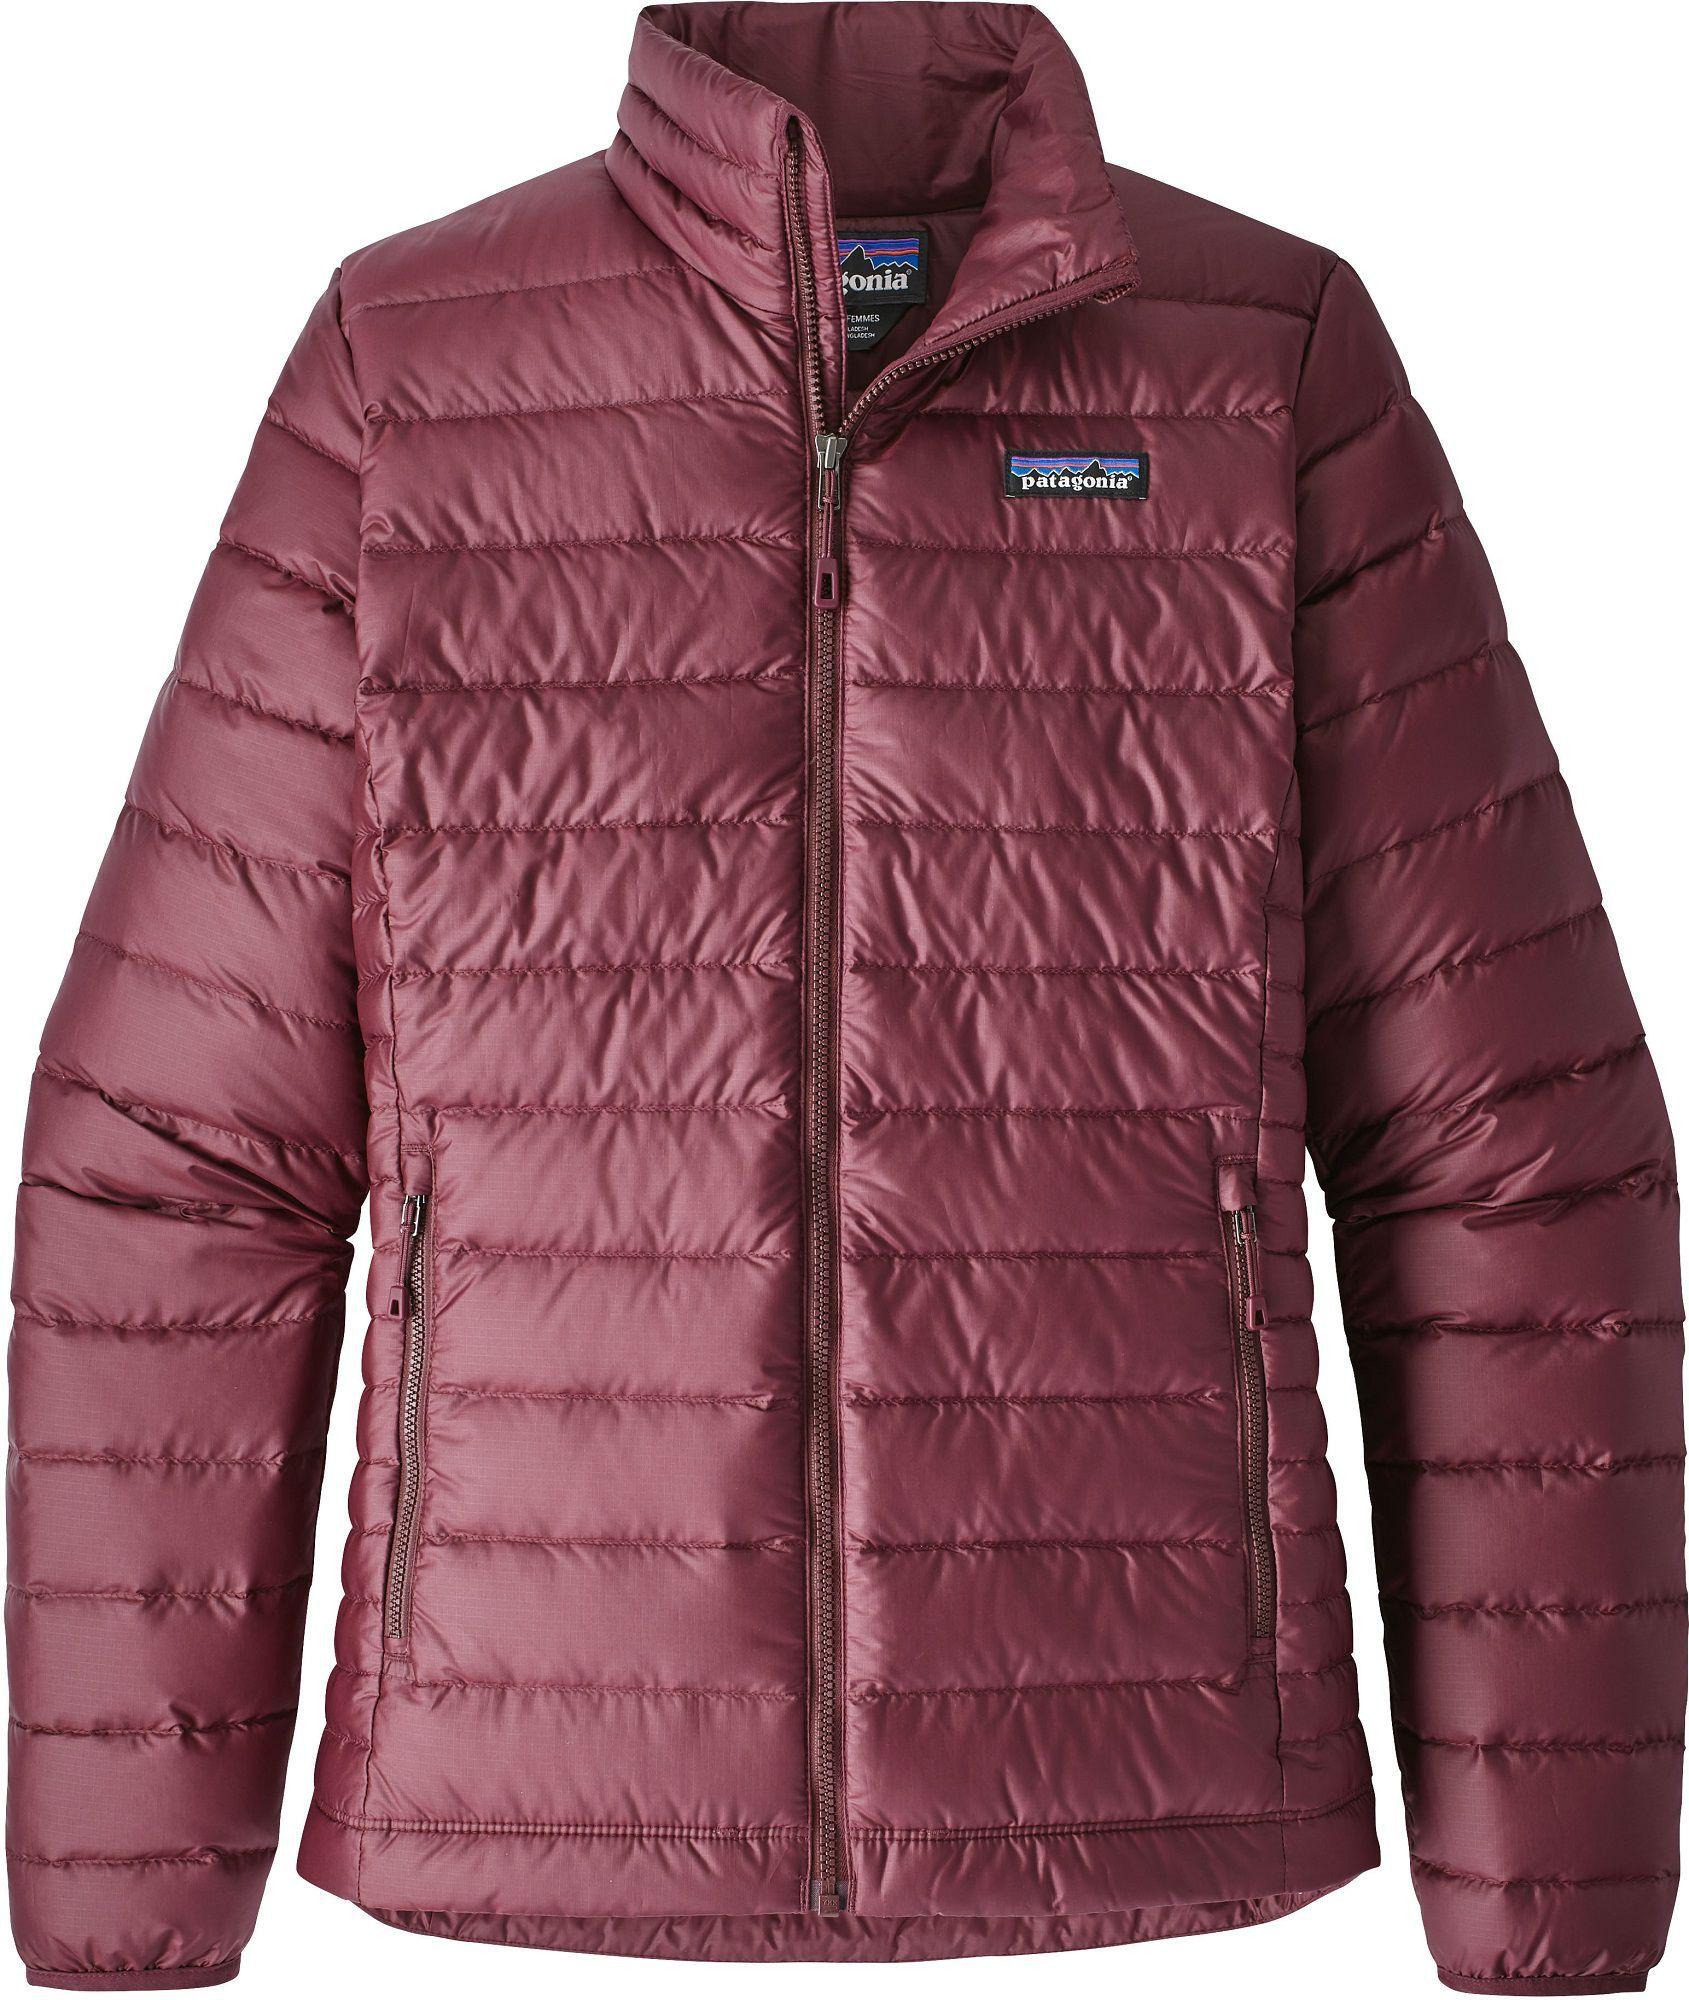 Patagonia Women's Down Sweater Jacket Patagonia down